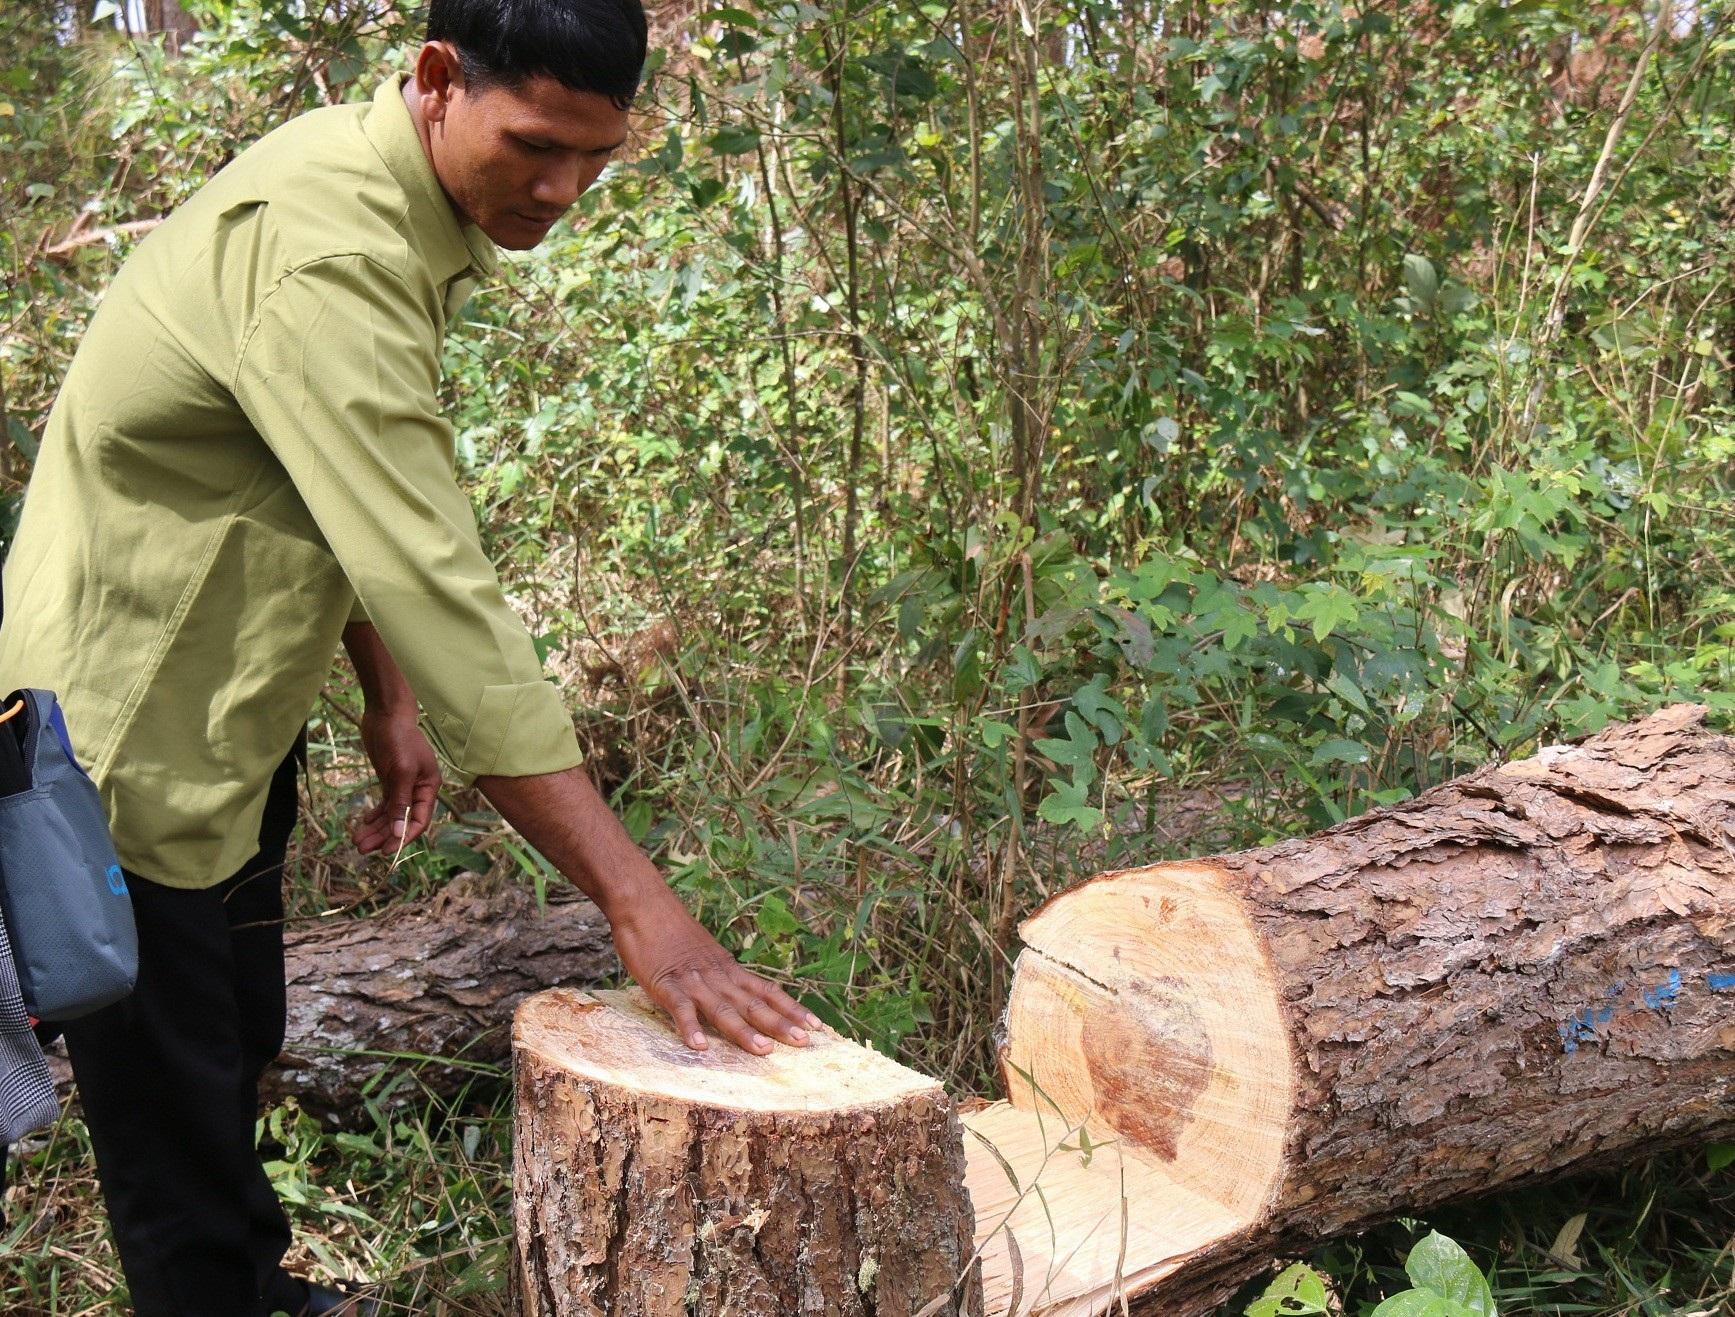 Dự án vừa bị thu hồi, rừng ngay lập tức bị bức tử - Ảnh 6.